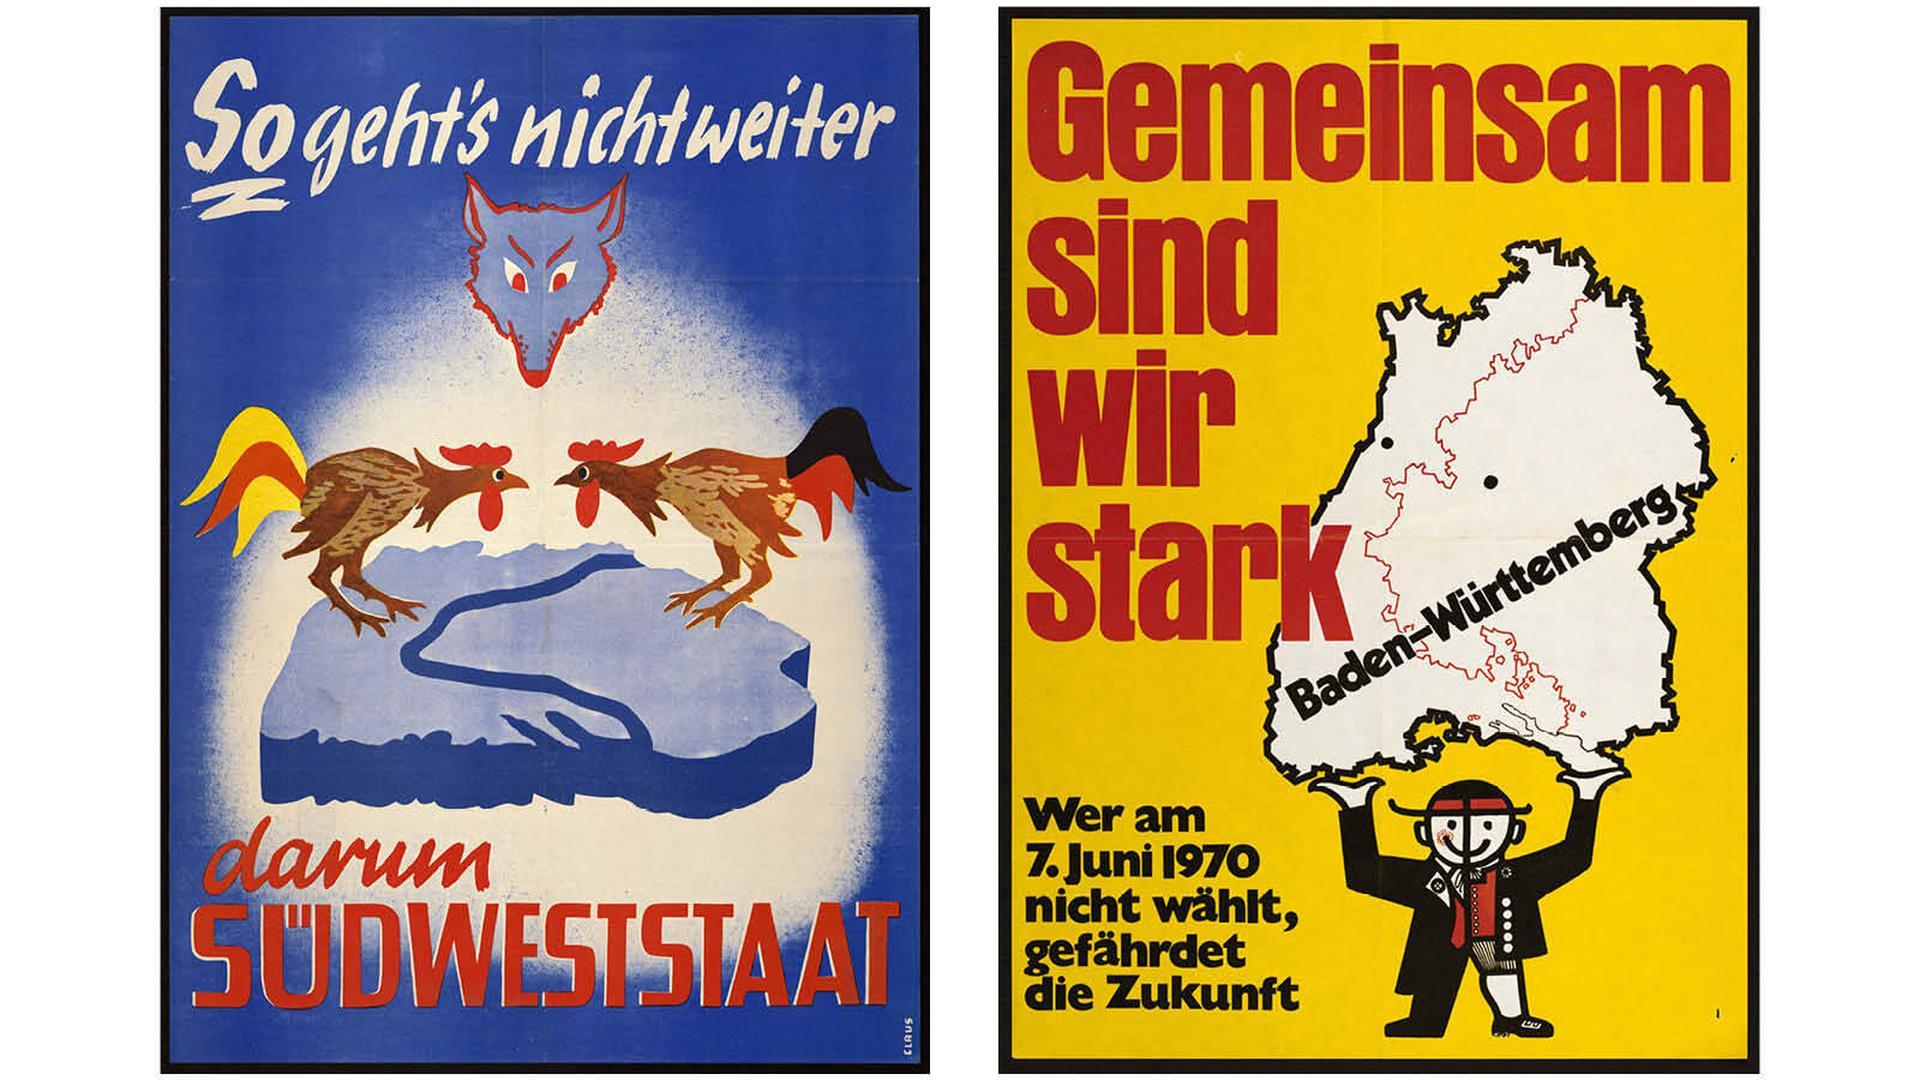 Plakat-Kampagnen: Vor der zweiten Abstimmung 1970 punktete das junge Bundesland Baden-Württemberg mit seiner Wirtschaftskraft. Nur noch rund 18 Prozent der Badener wollten zurück zur Selbstständigkeit. Vor der Abstimmung 1951 warb man für eine friedliche Fusion der badischen und württembergischen Streithähne.